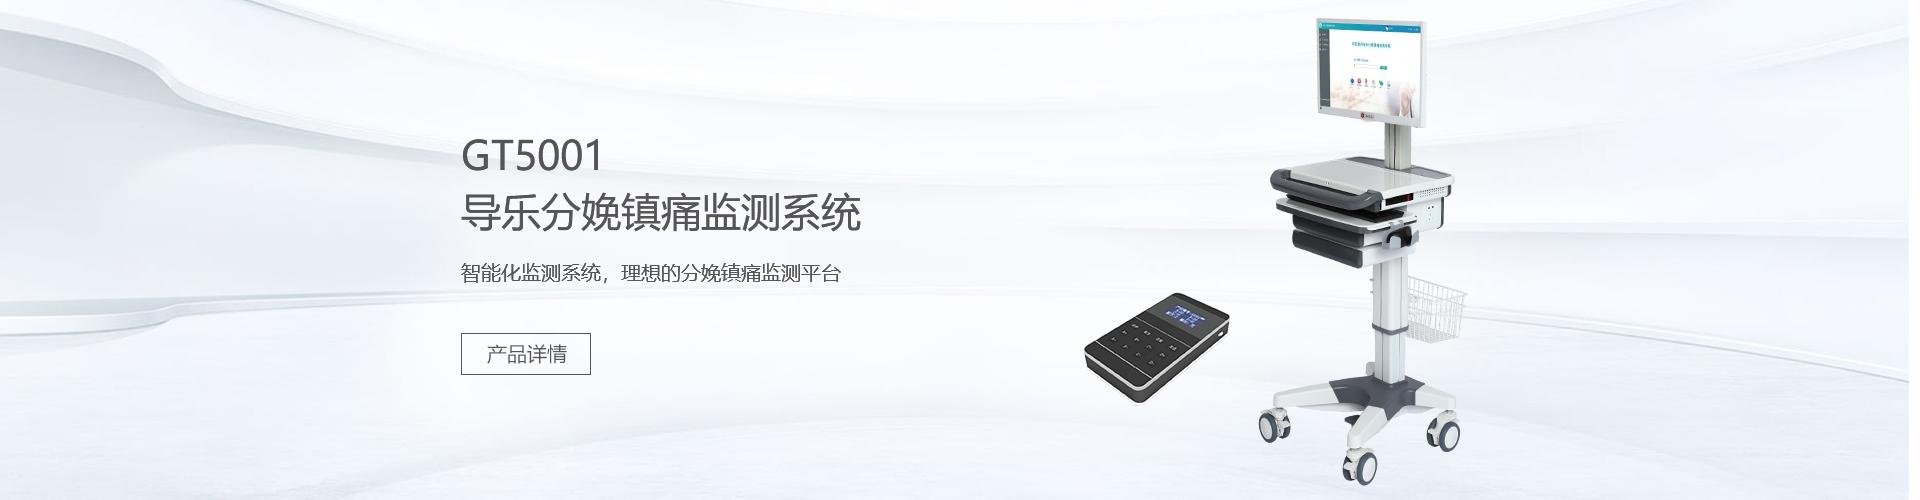 DAOLE导乐分娩镇痛监测系统GT5001